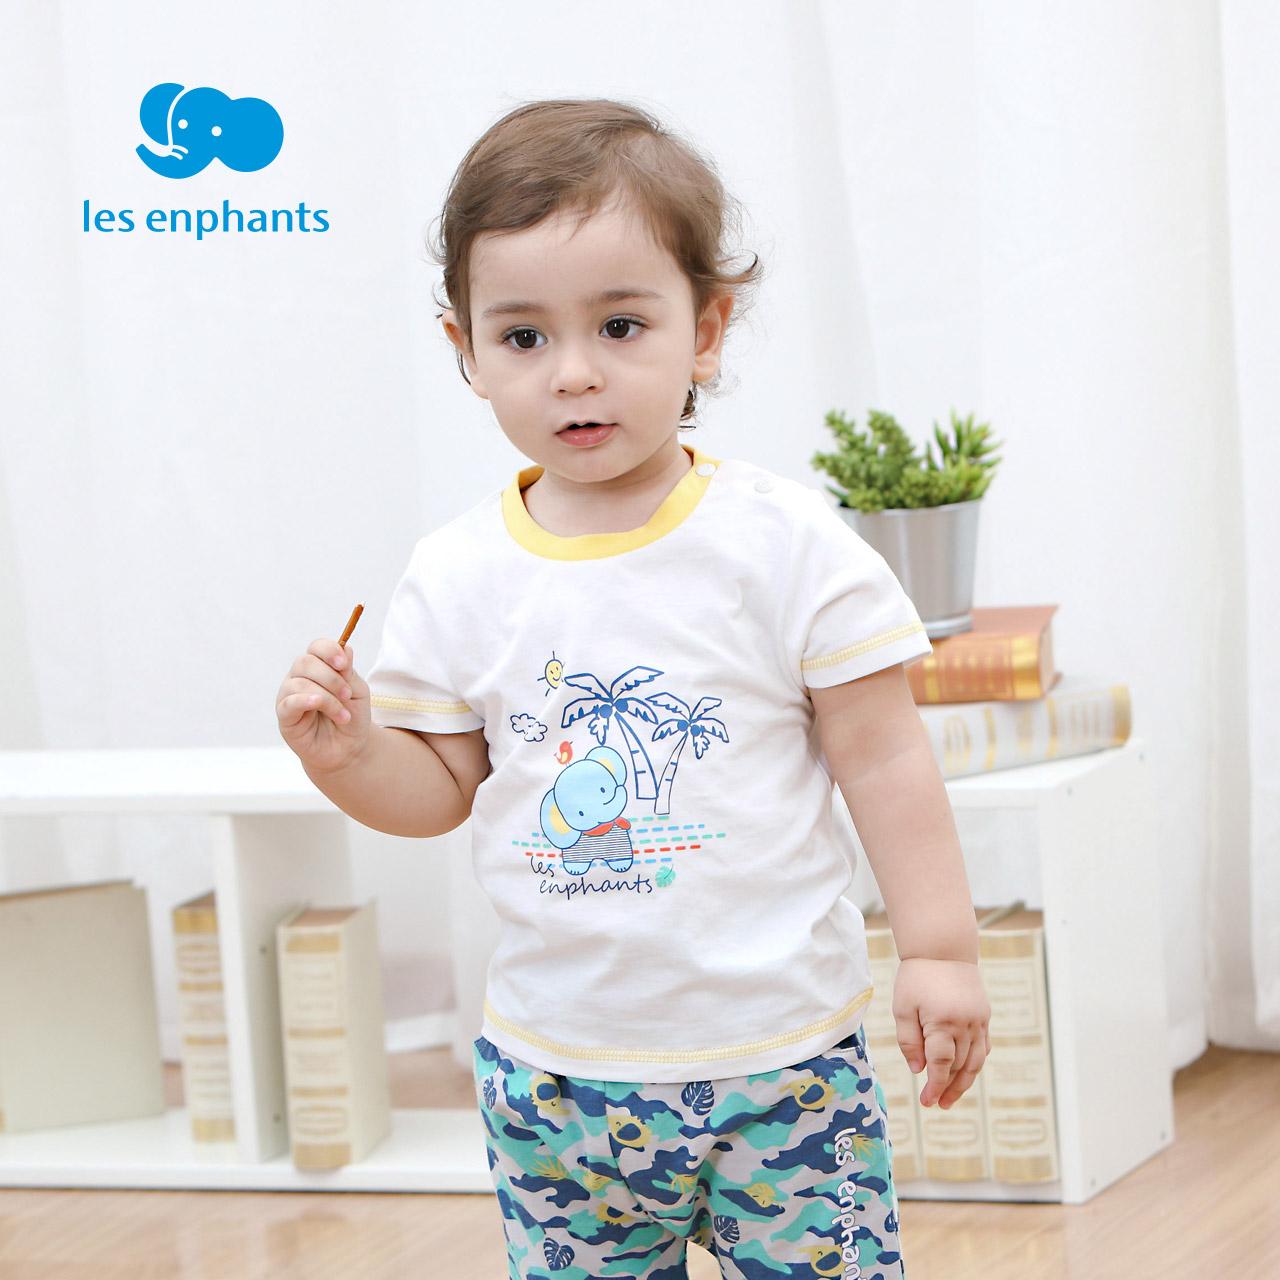 丽婴房童装男宝宝夏季纯棉短袖休闲T恤男童柔软舒适上衣2020新款